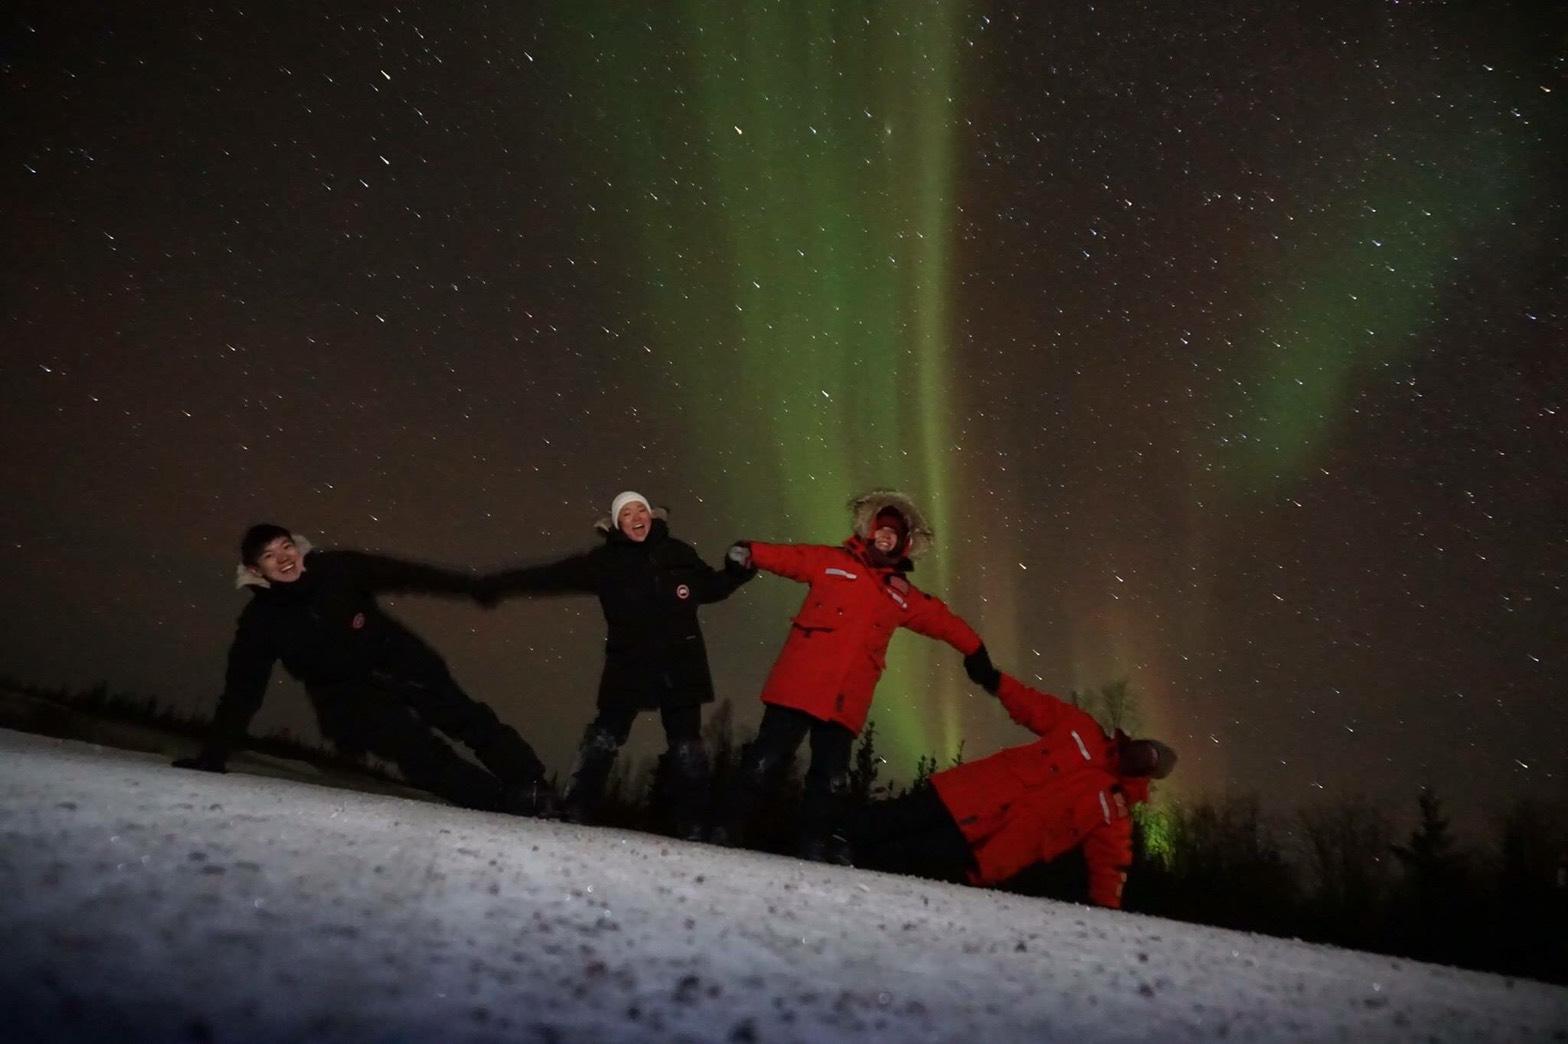 世界一周 ブログ カナダ イエローナイフ 観光 オーロラ